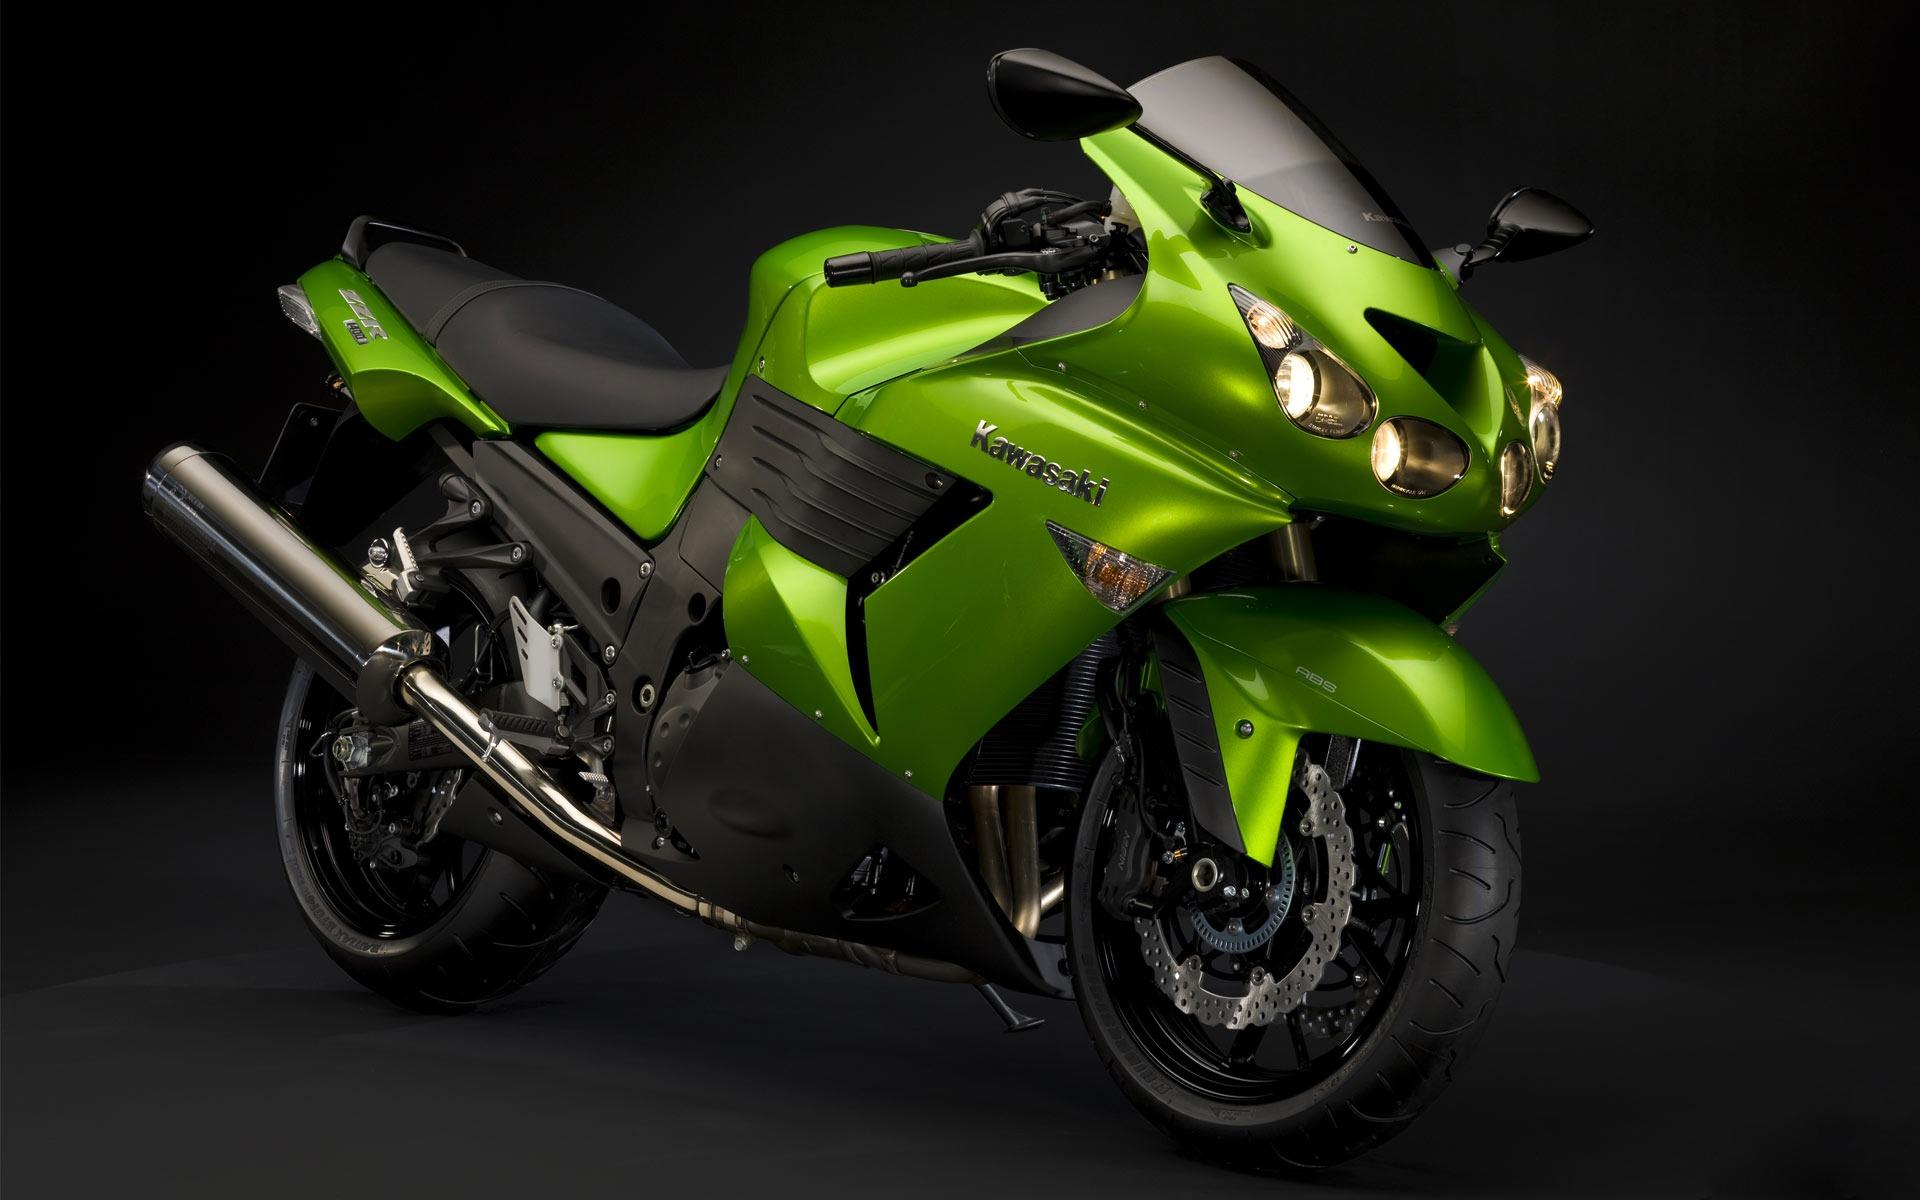 Kawasaki ZZR 1400 Wallpaper Motorcycles Wallpapers